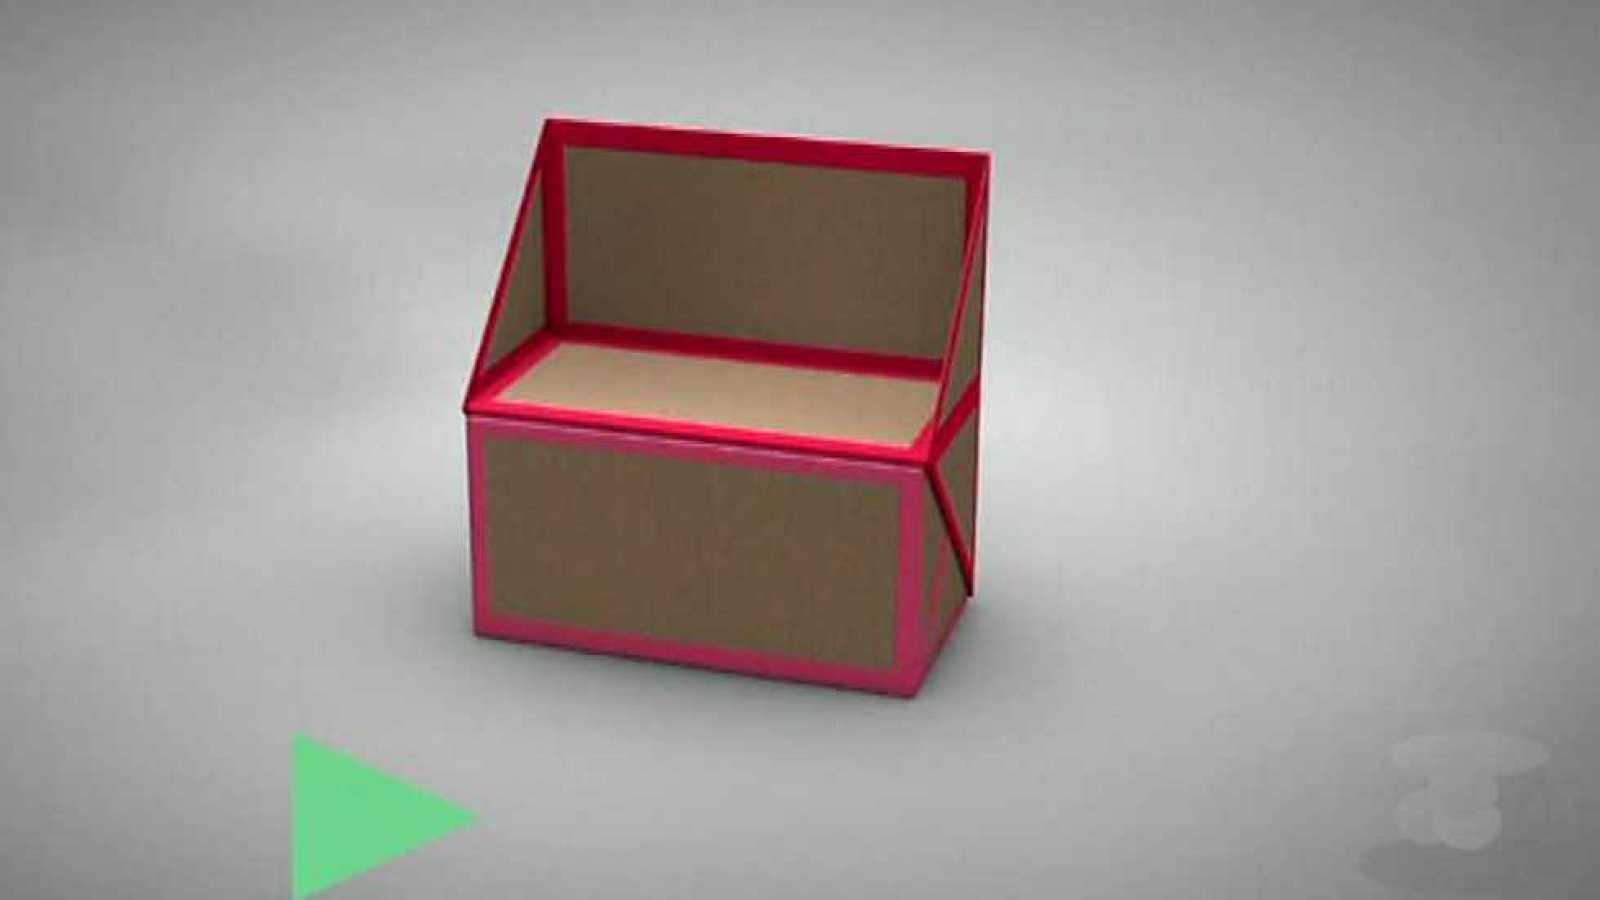 F Brica De Ideas 17 10 15 Rtve Es # Muebles Para Nivel Inicial